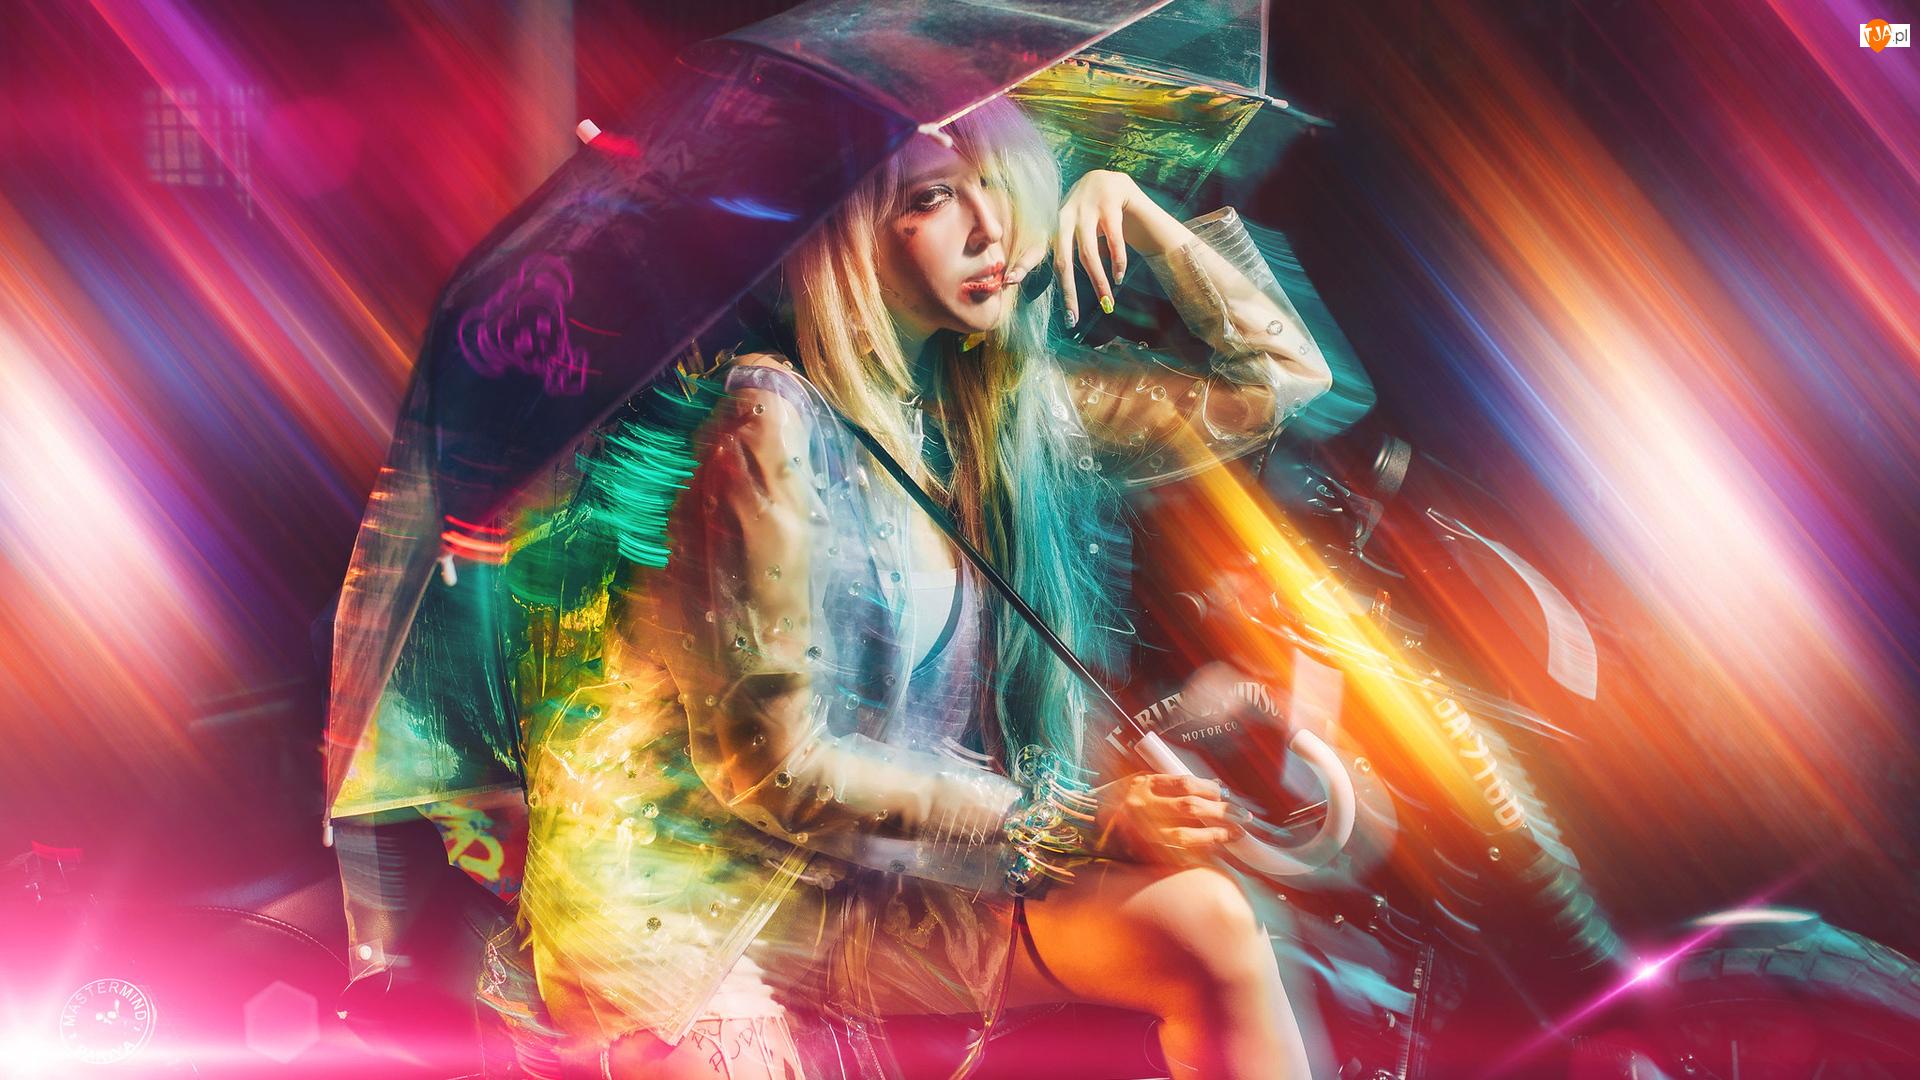 Grafika, Dziewczyna, Blondynka, Parasolka